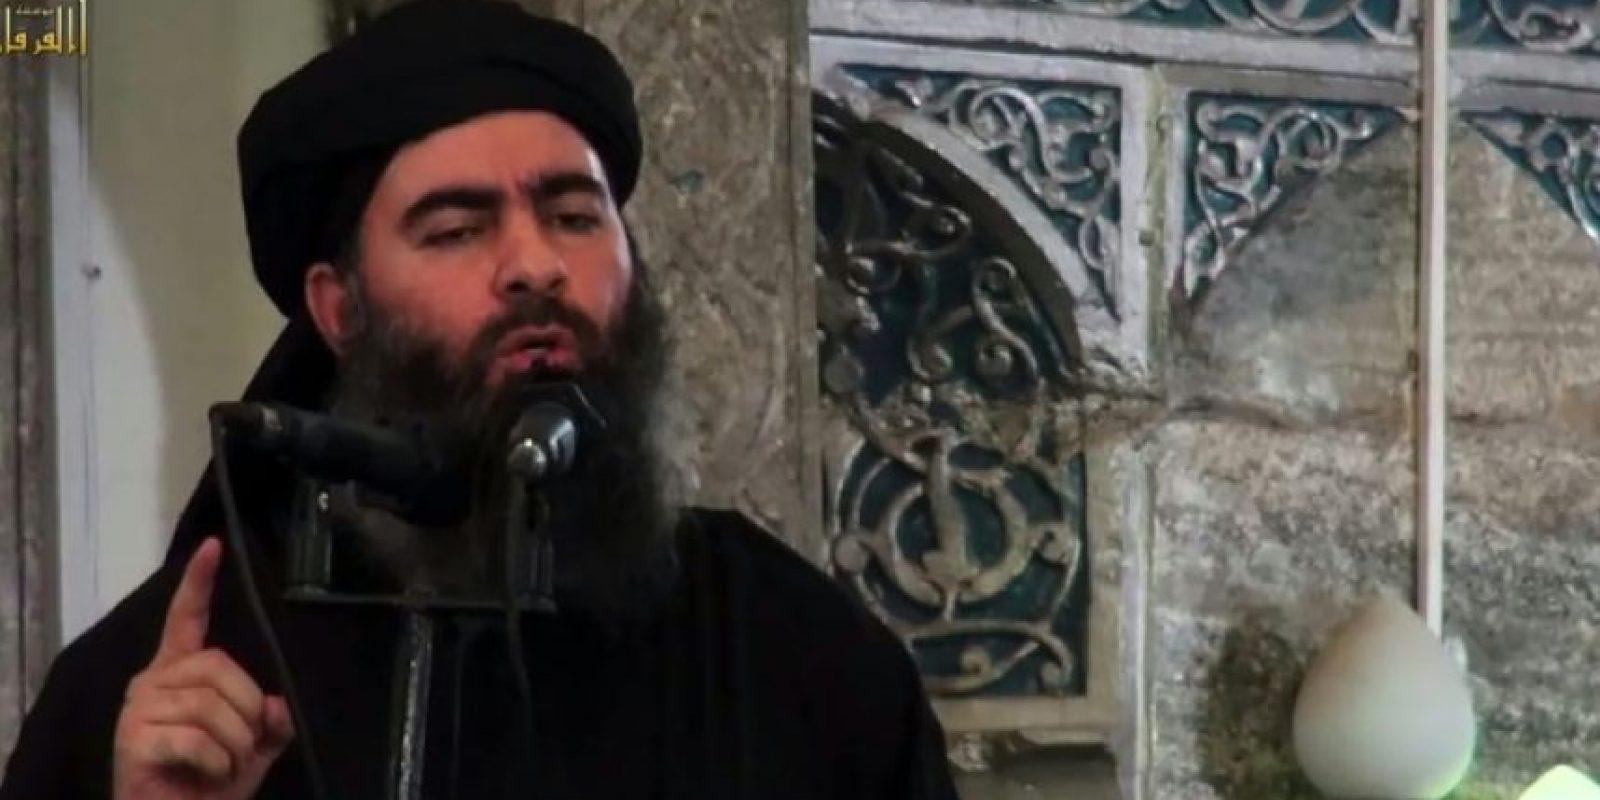 El líder del grupo Estado Islámico (EI), Abu Bakr al-Baghdadi, se dirige a los fieles musulmanes en una mezquita en Mosul, el 5 de julio de 2014 Foto:STR/afp.com